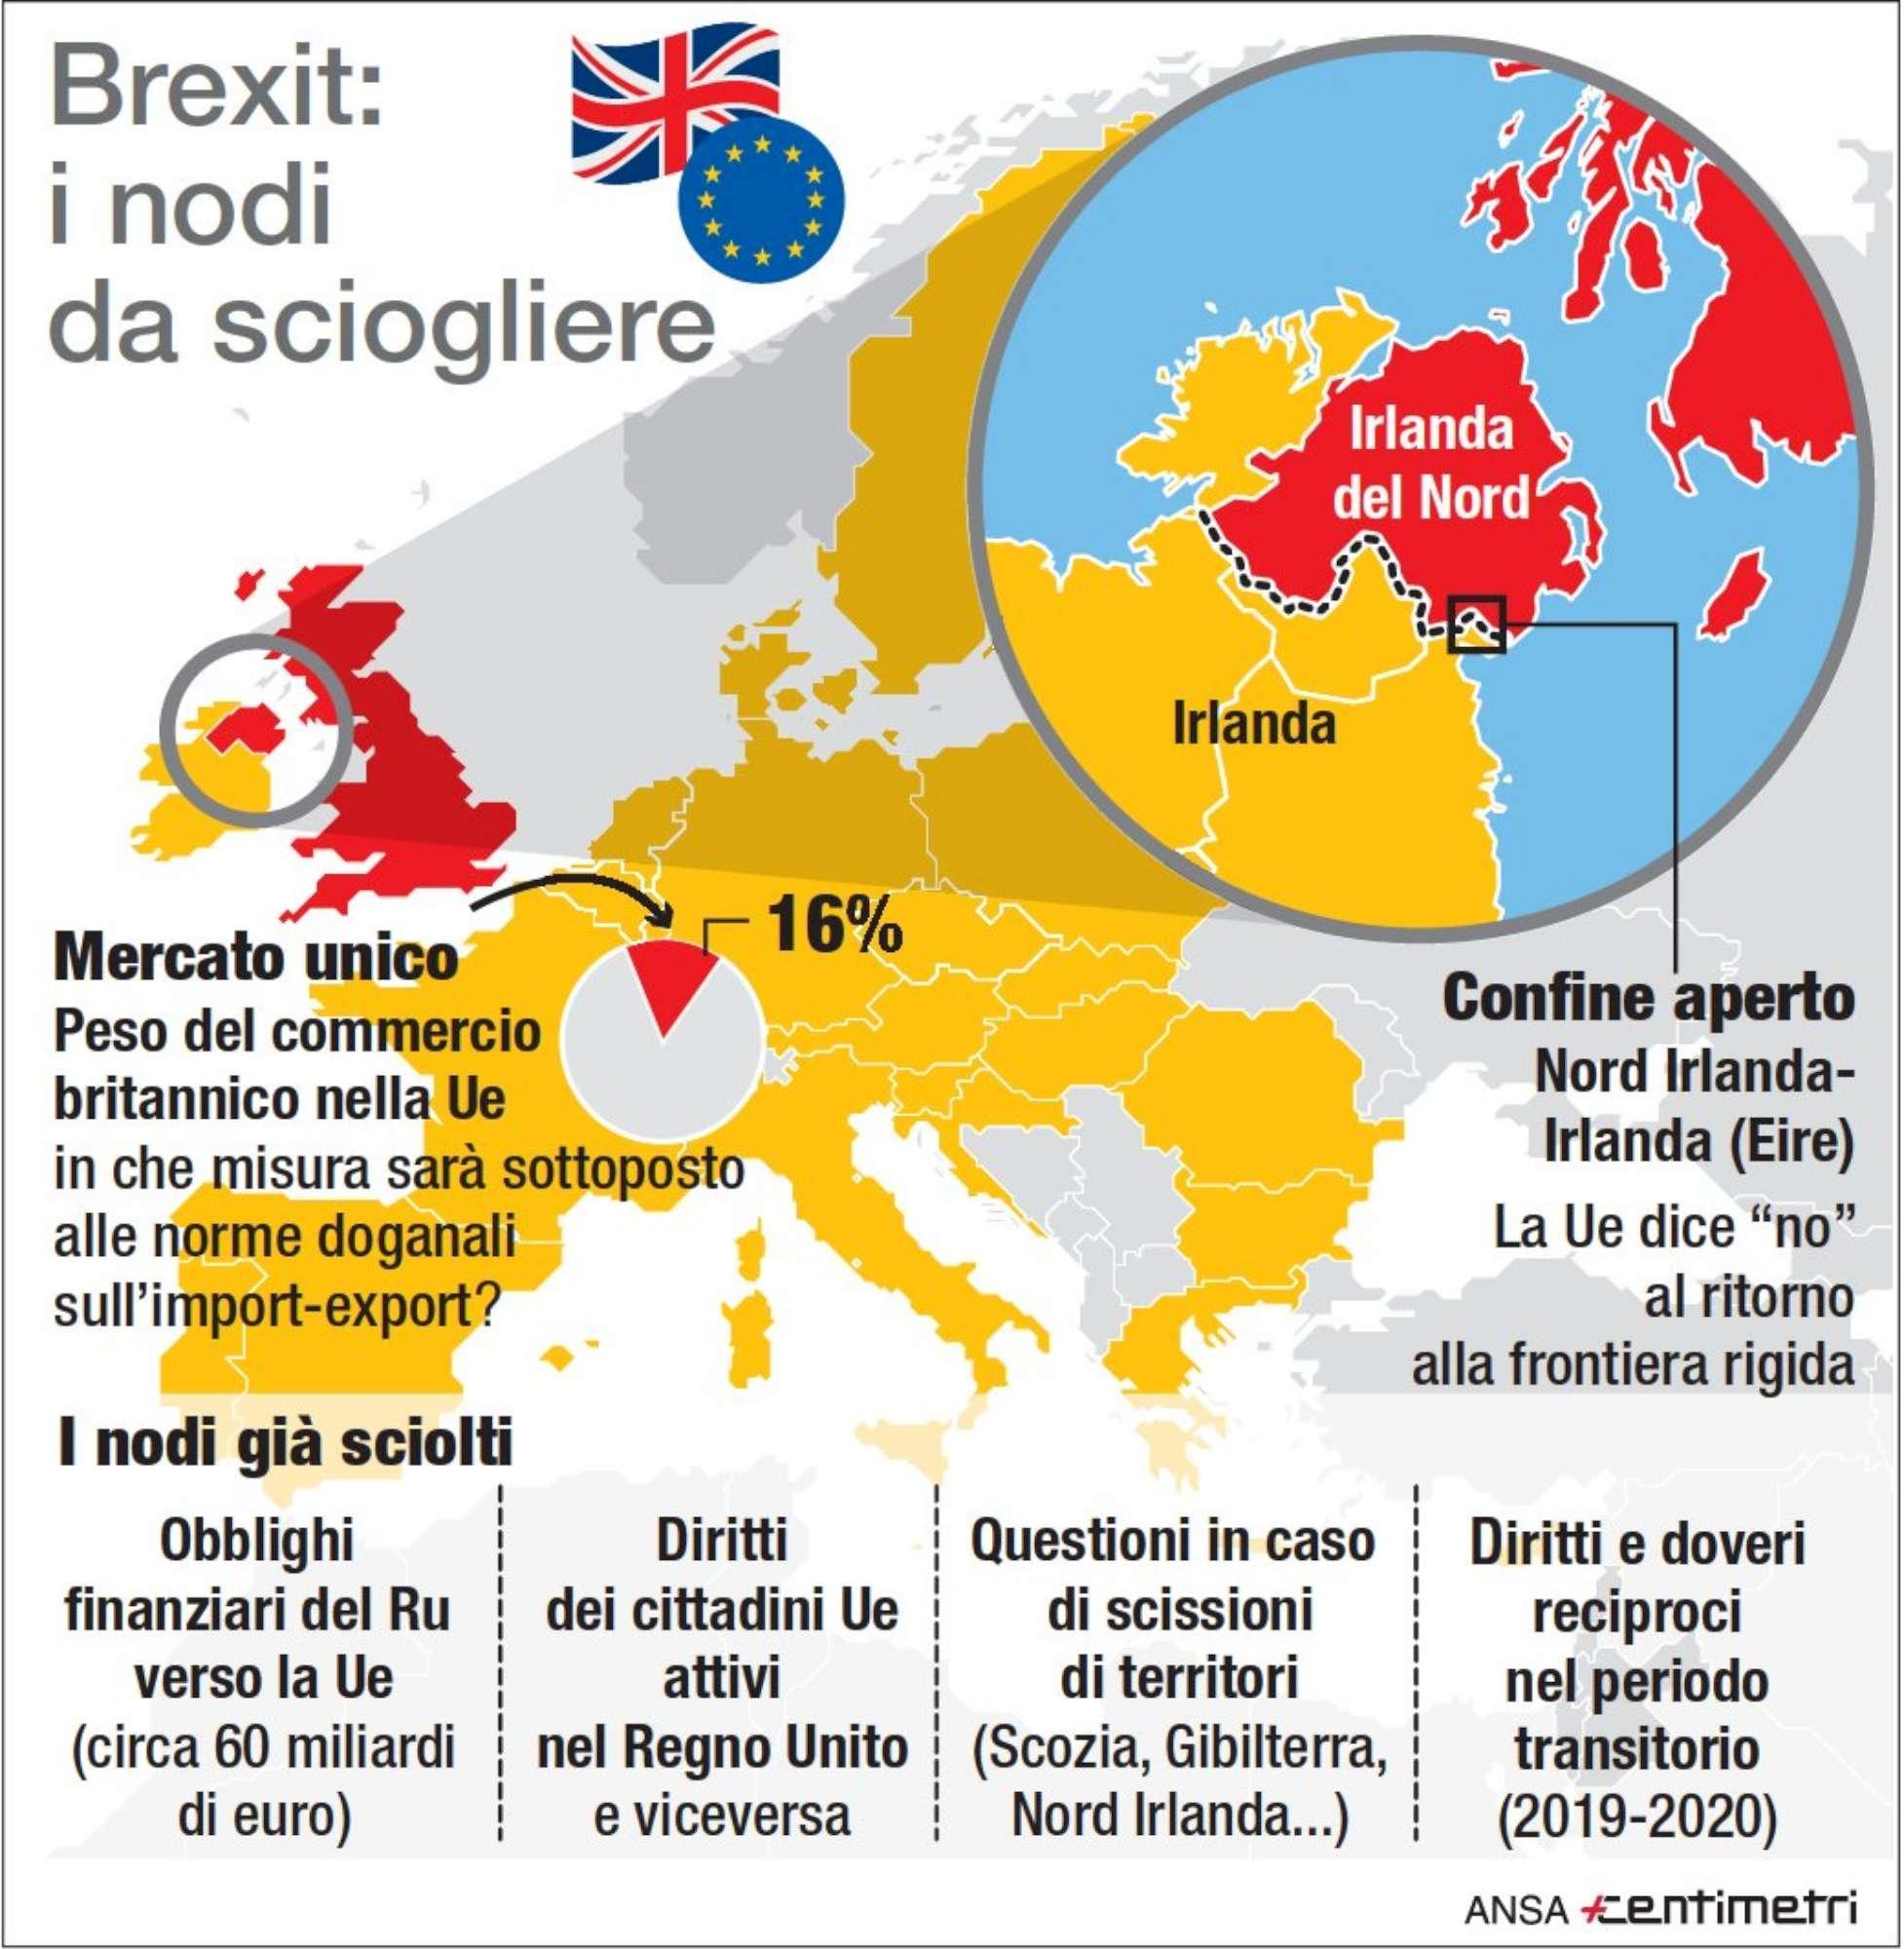 Brexit, i nodi da sciogliere